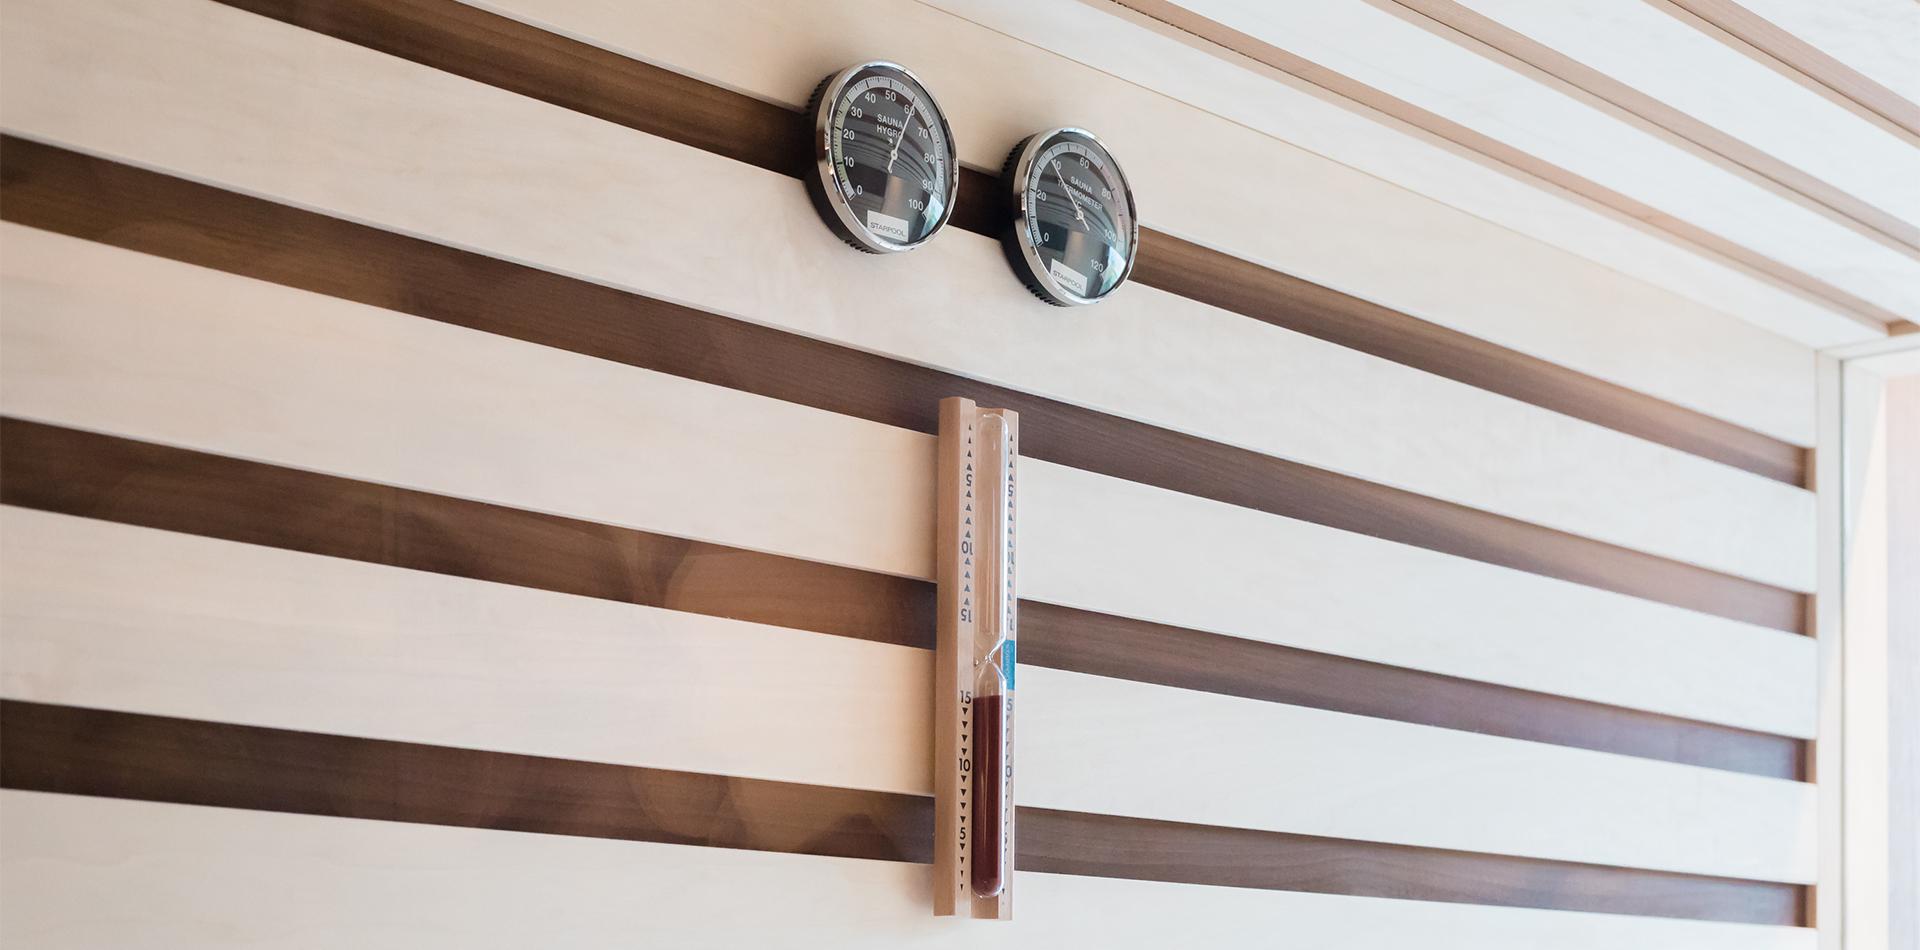 igrometro - termometro 2